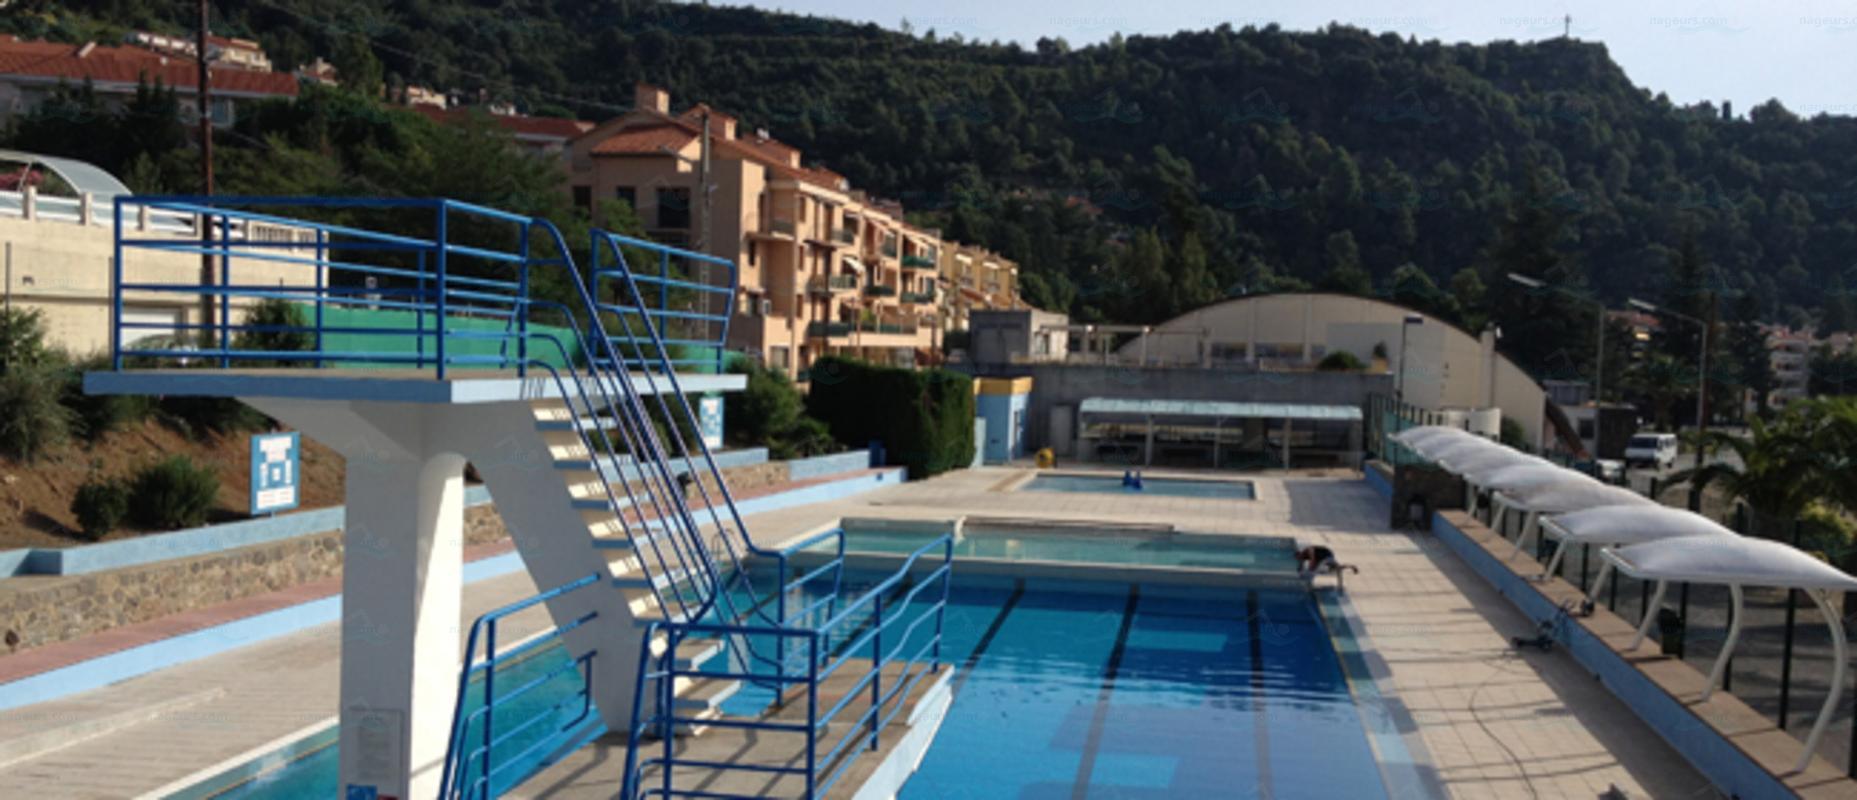 Piscines france languedoc roussillon les piscines - Office du tourisme amelie les bains 66 ...